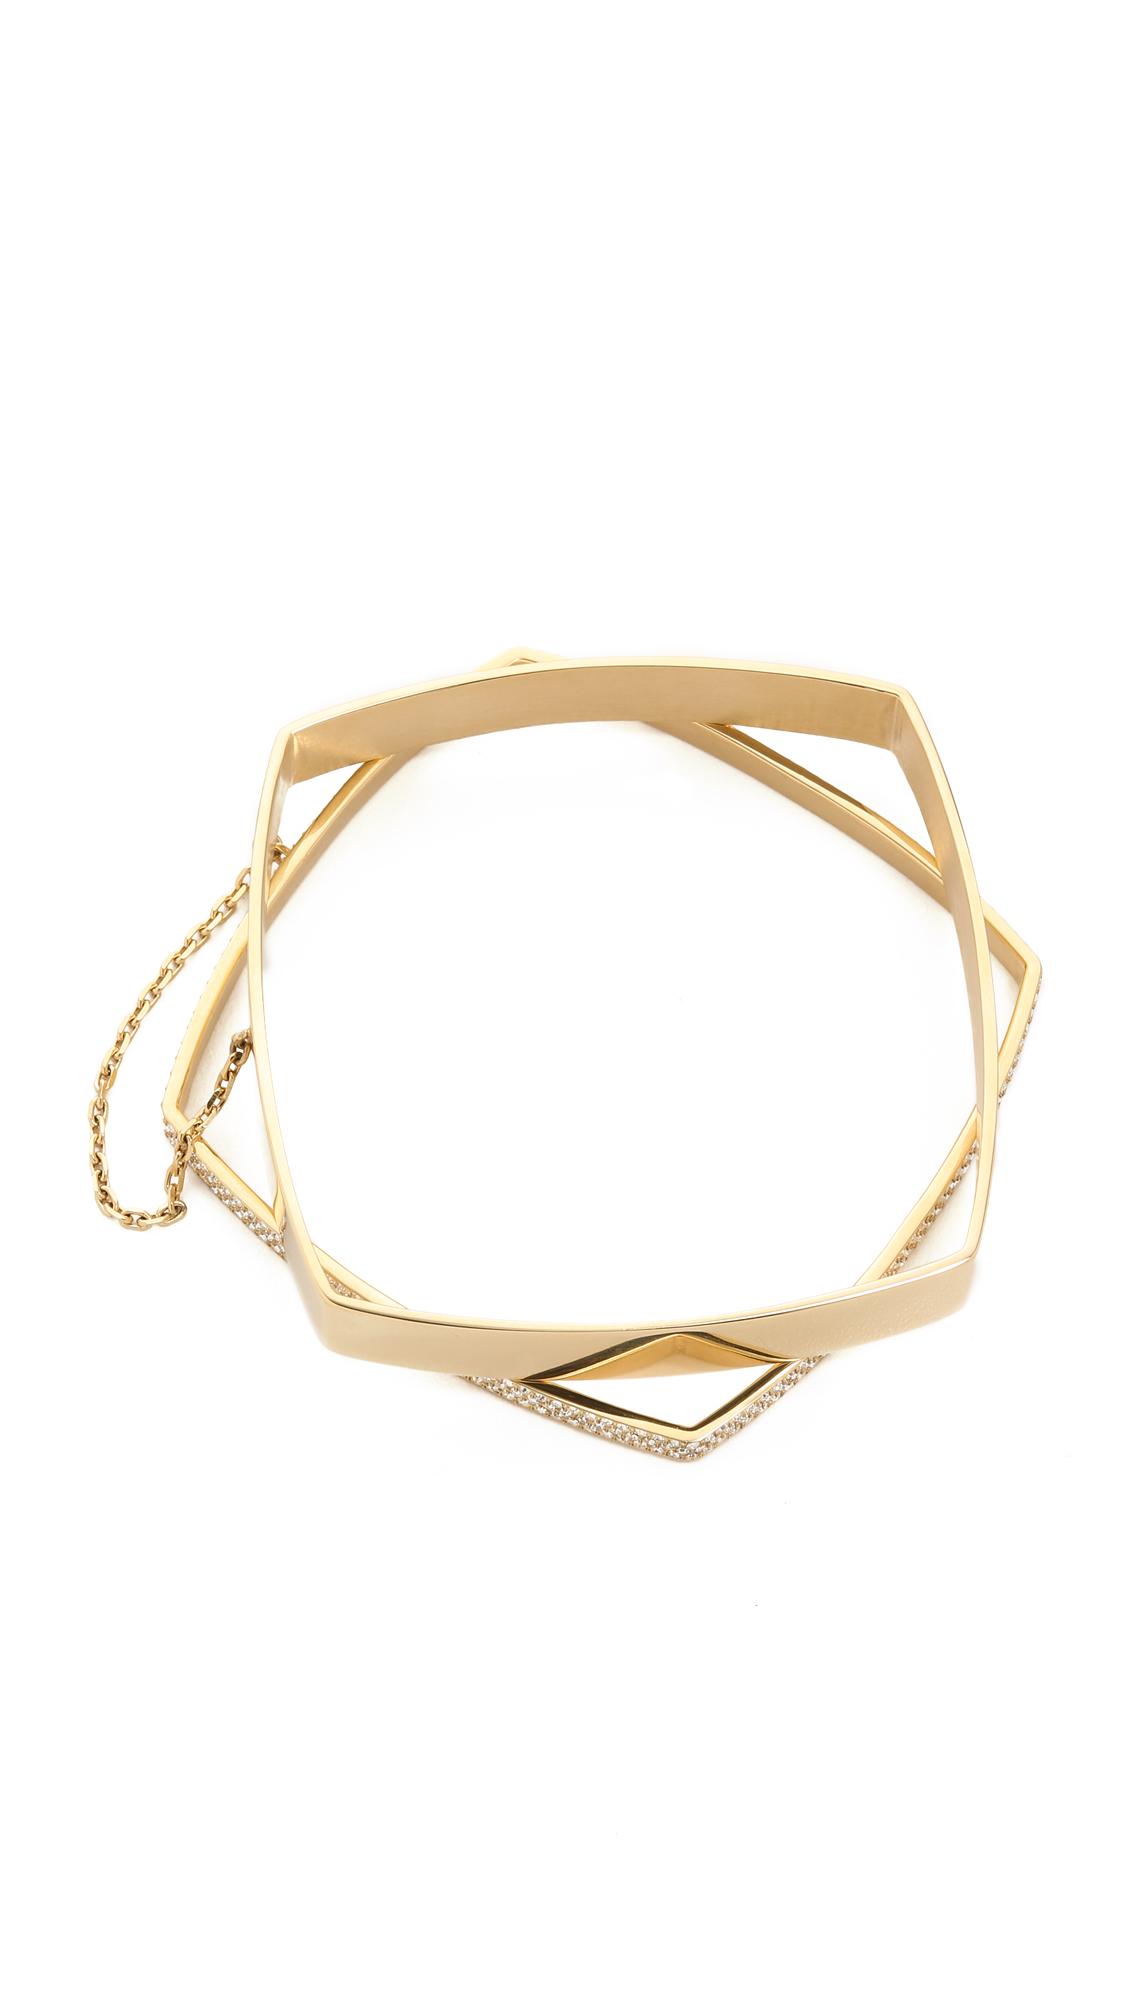 michael kors etched logo stacking bangle bracelet gold. Black Bedroom Furniture Sets. Home Design Ideas